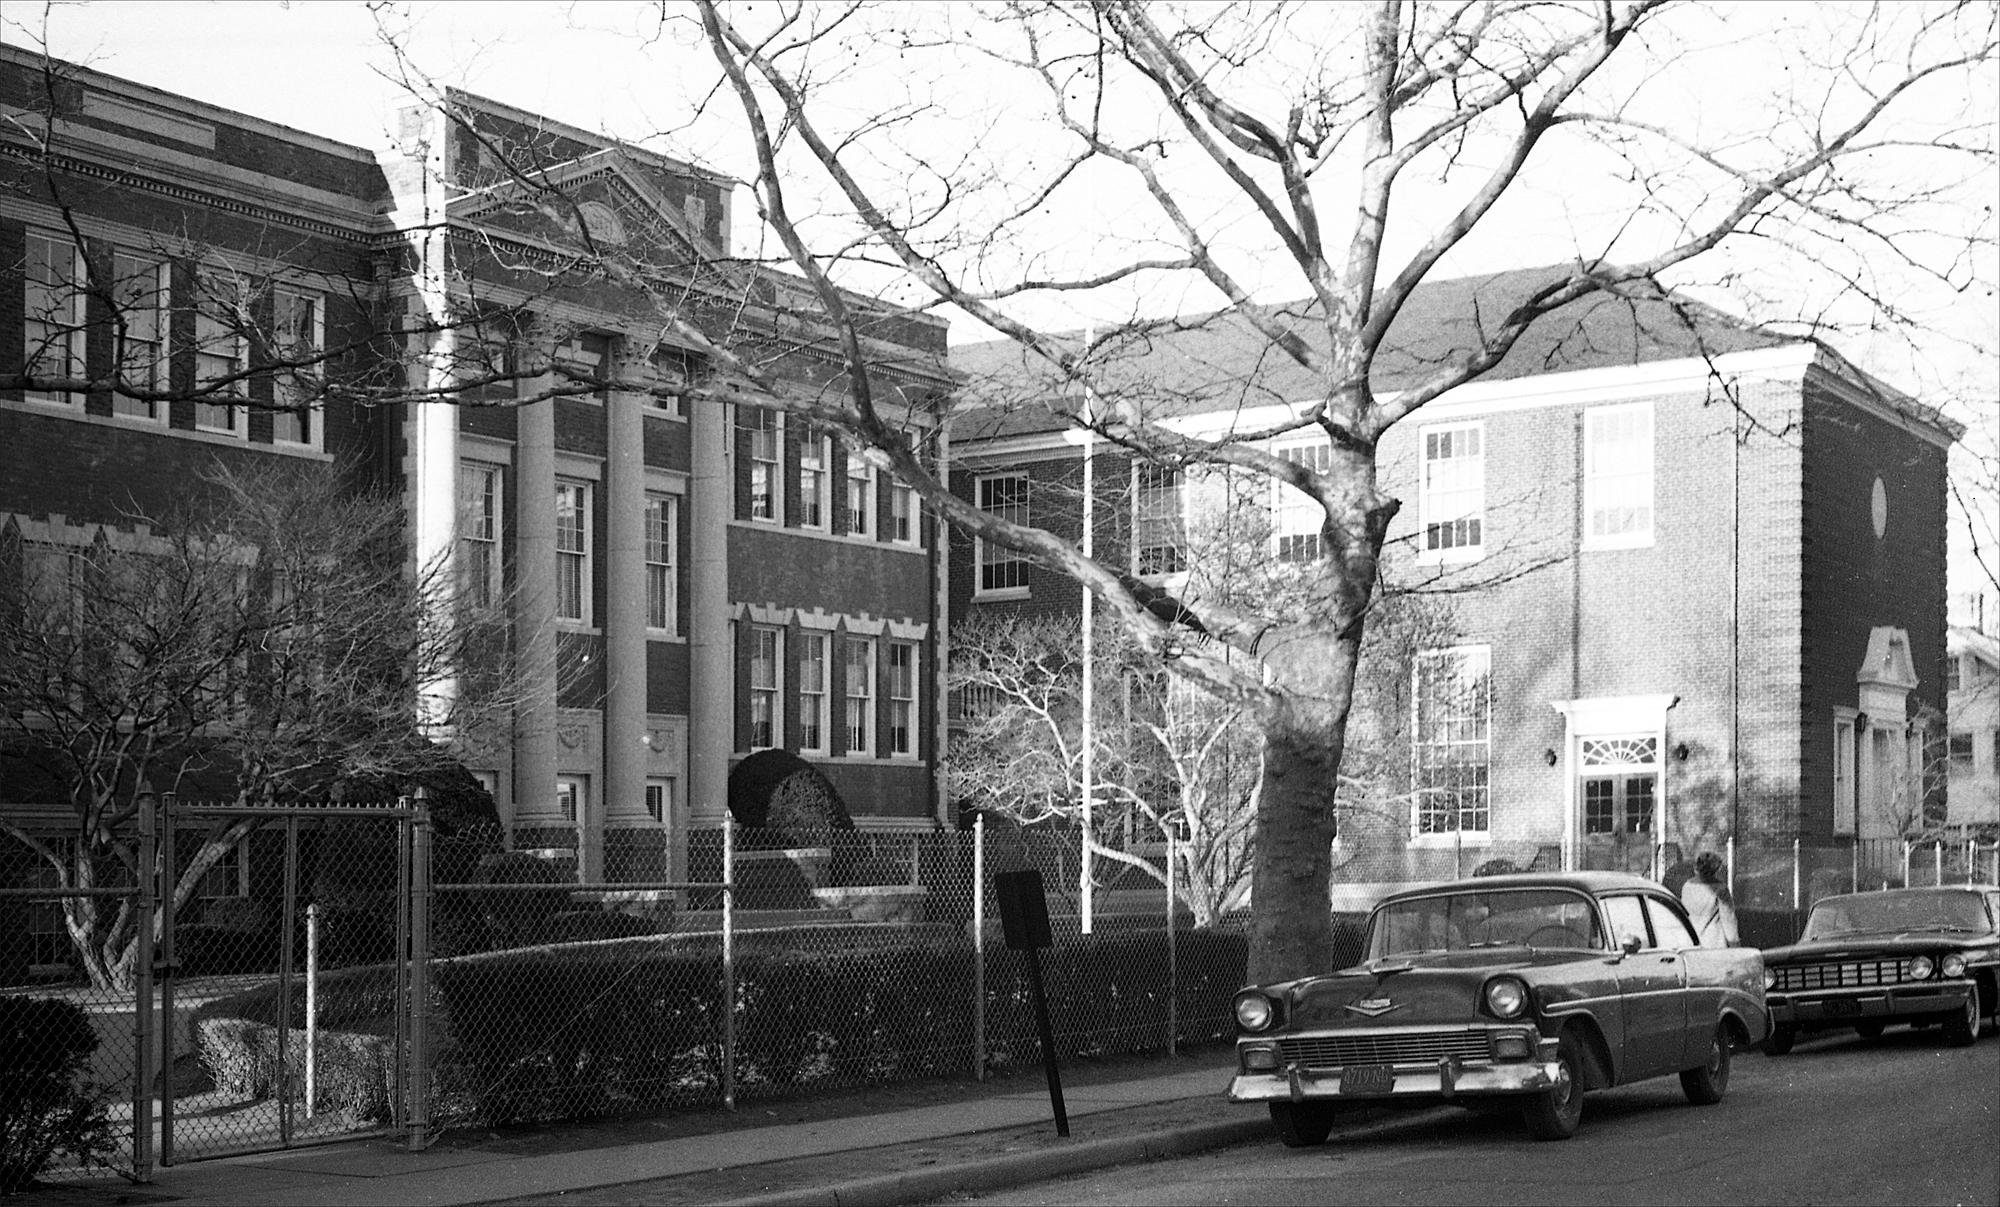 Hempstead High022.jpg